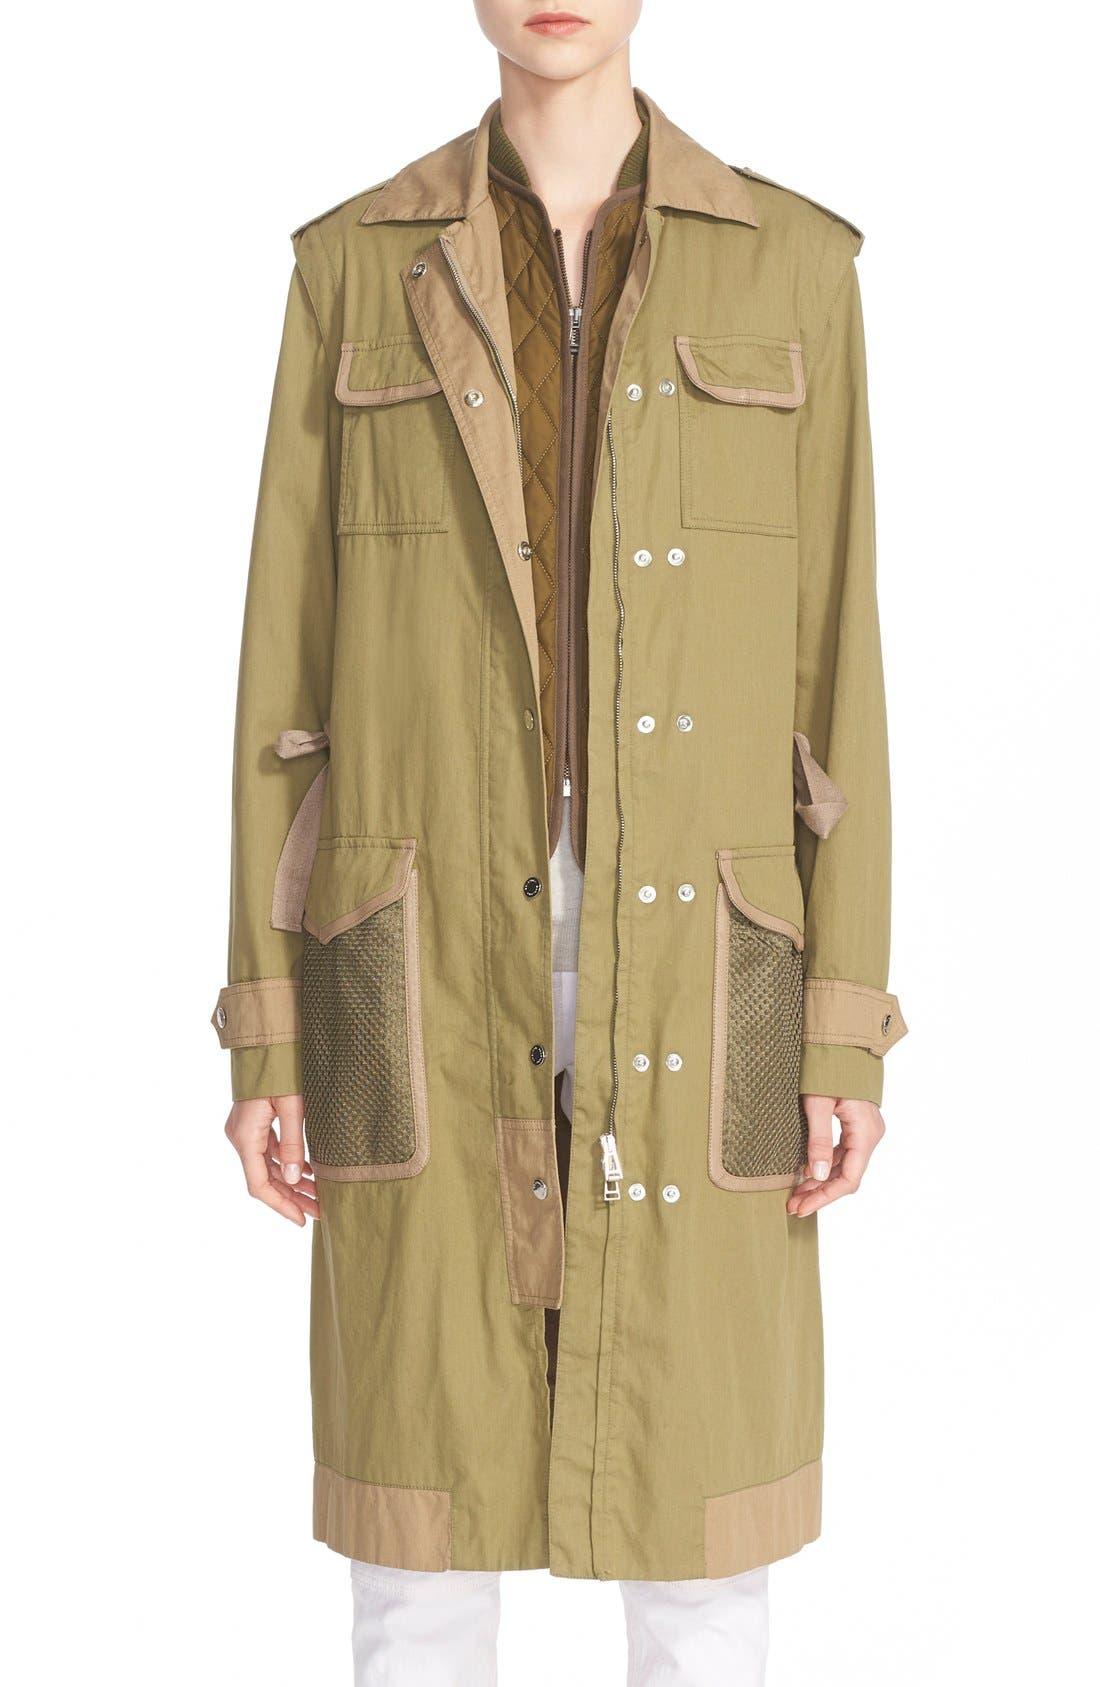 BELSTAFF, Leather Trim Tactical Cotton Gabardine Coat, Main thumbnail 1, color, 309